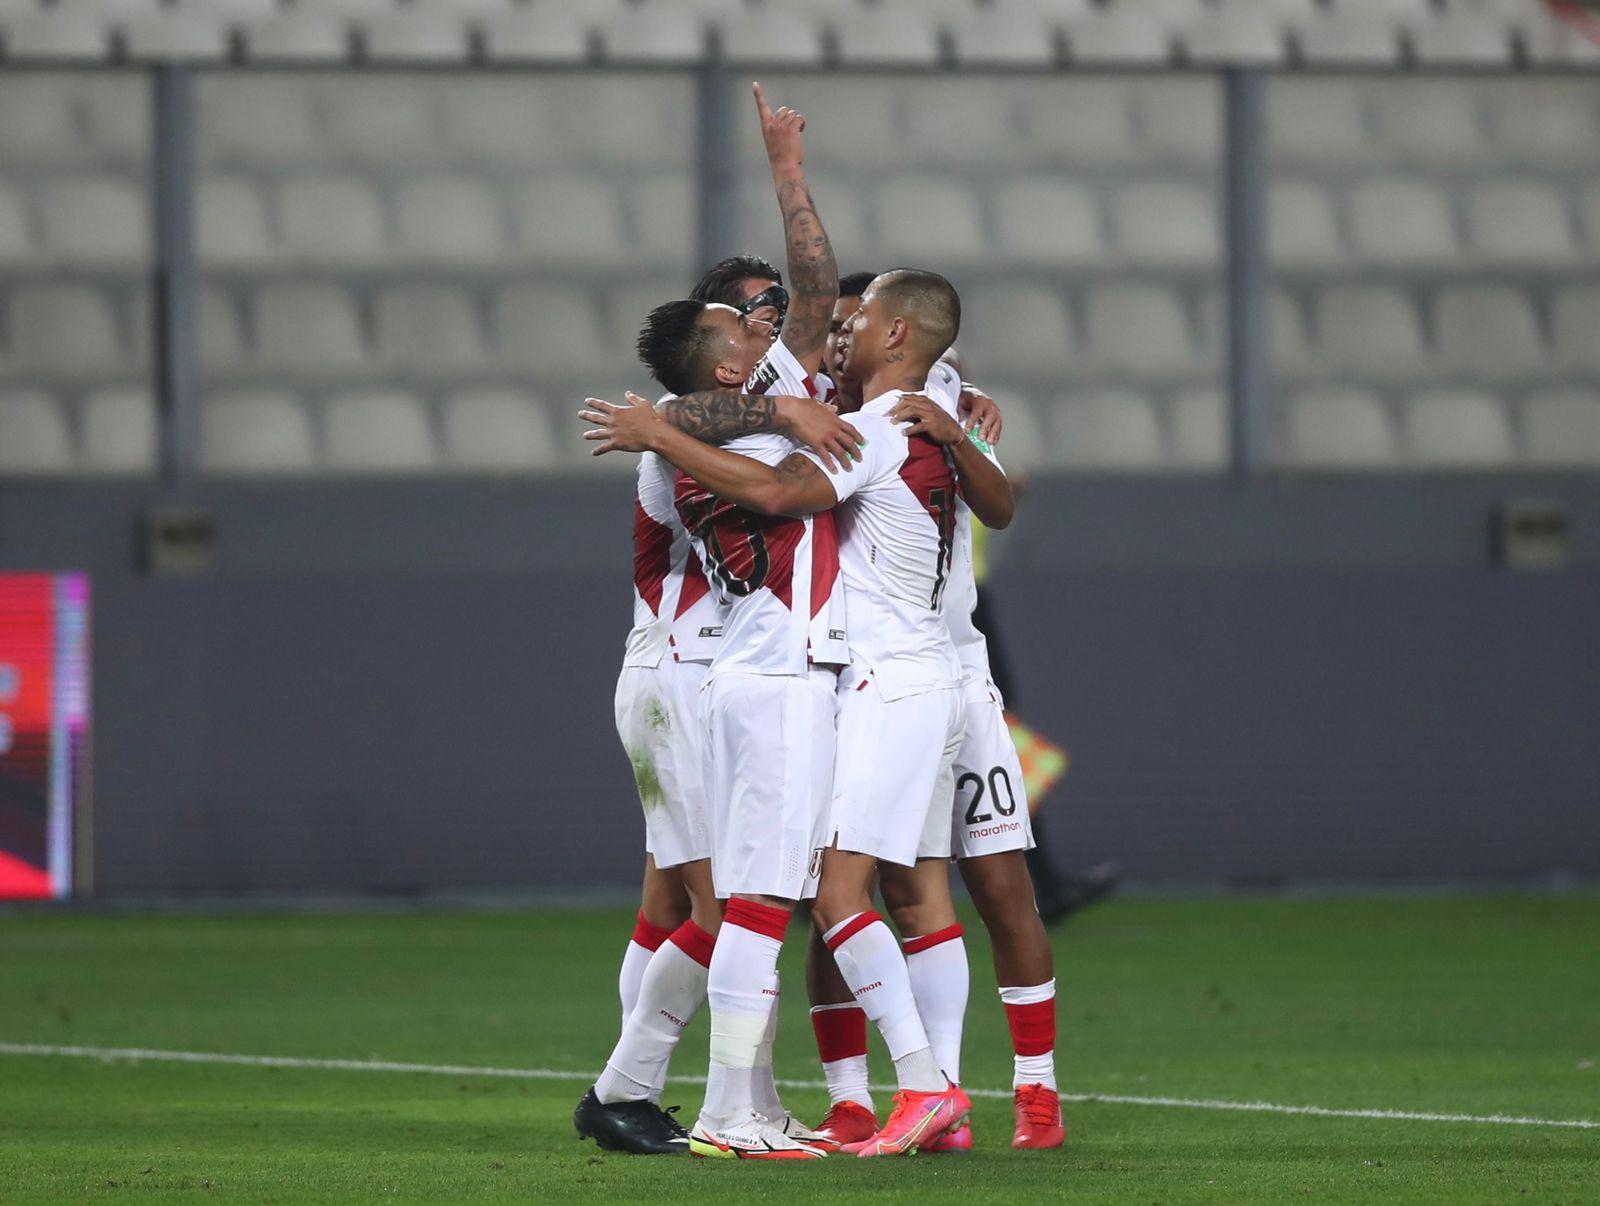 Perú venció por uno a cero a Venezuela y logró su primer triunfo en eliminatoria sudamericana